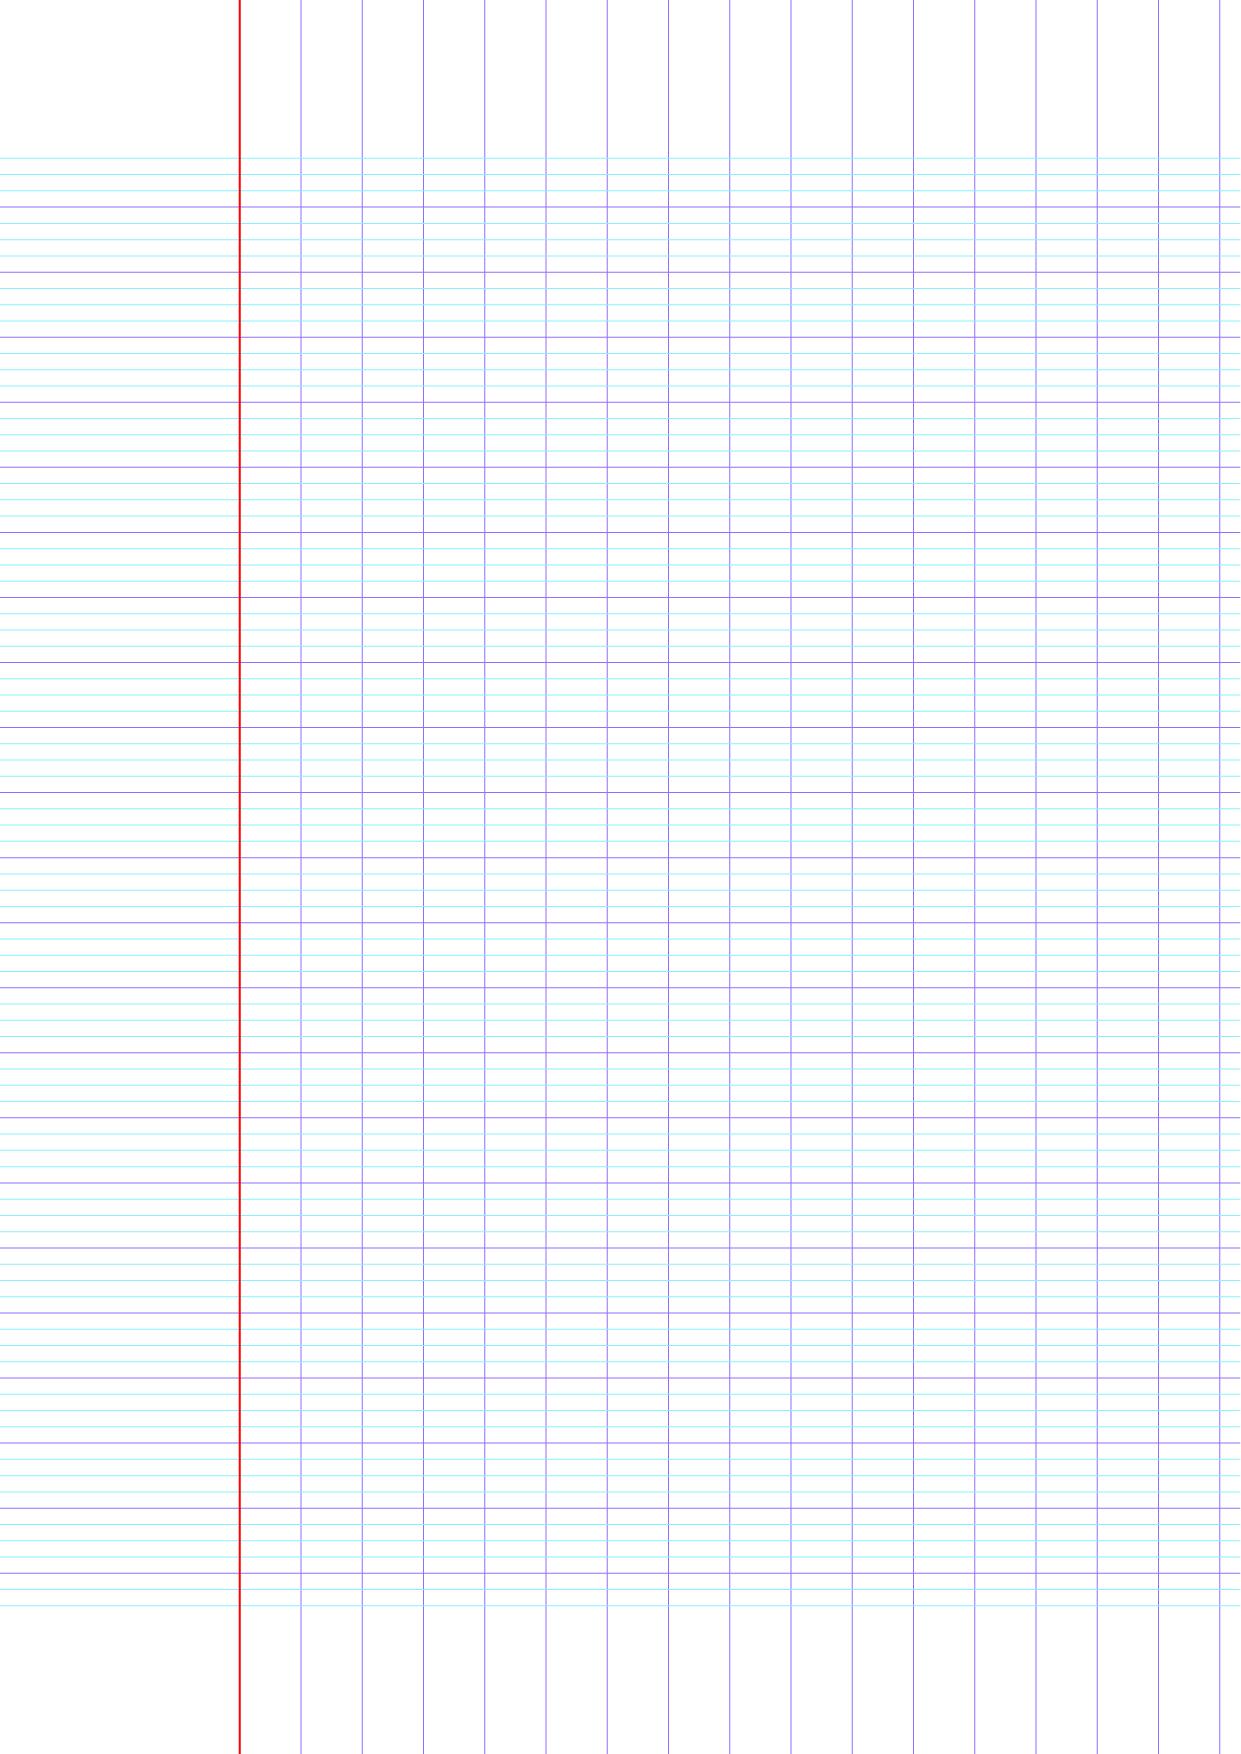 Feuille D'écriture Vierge À Imprimer | Exercices D'écriture dedans Feuille Lignée A Imprimer